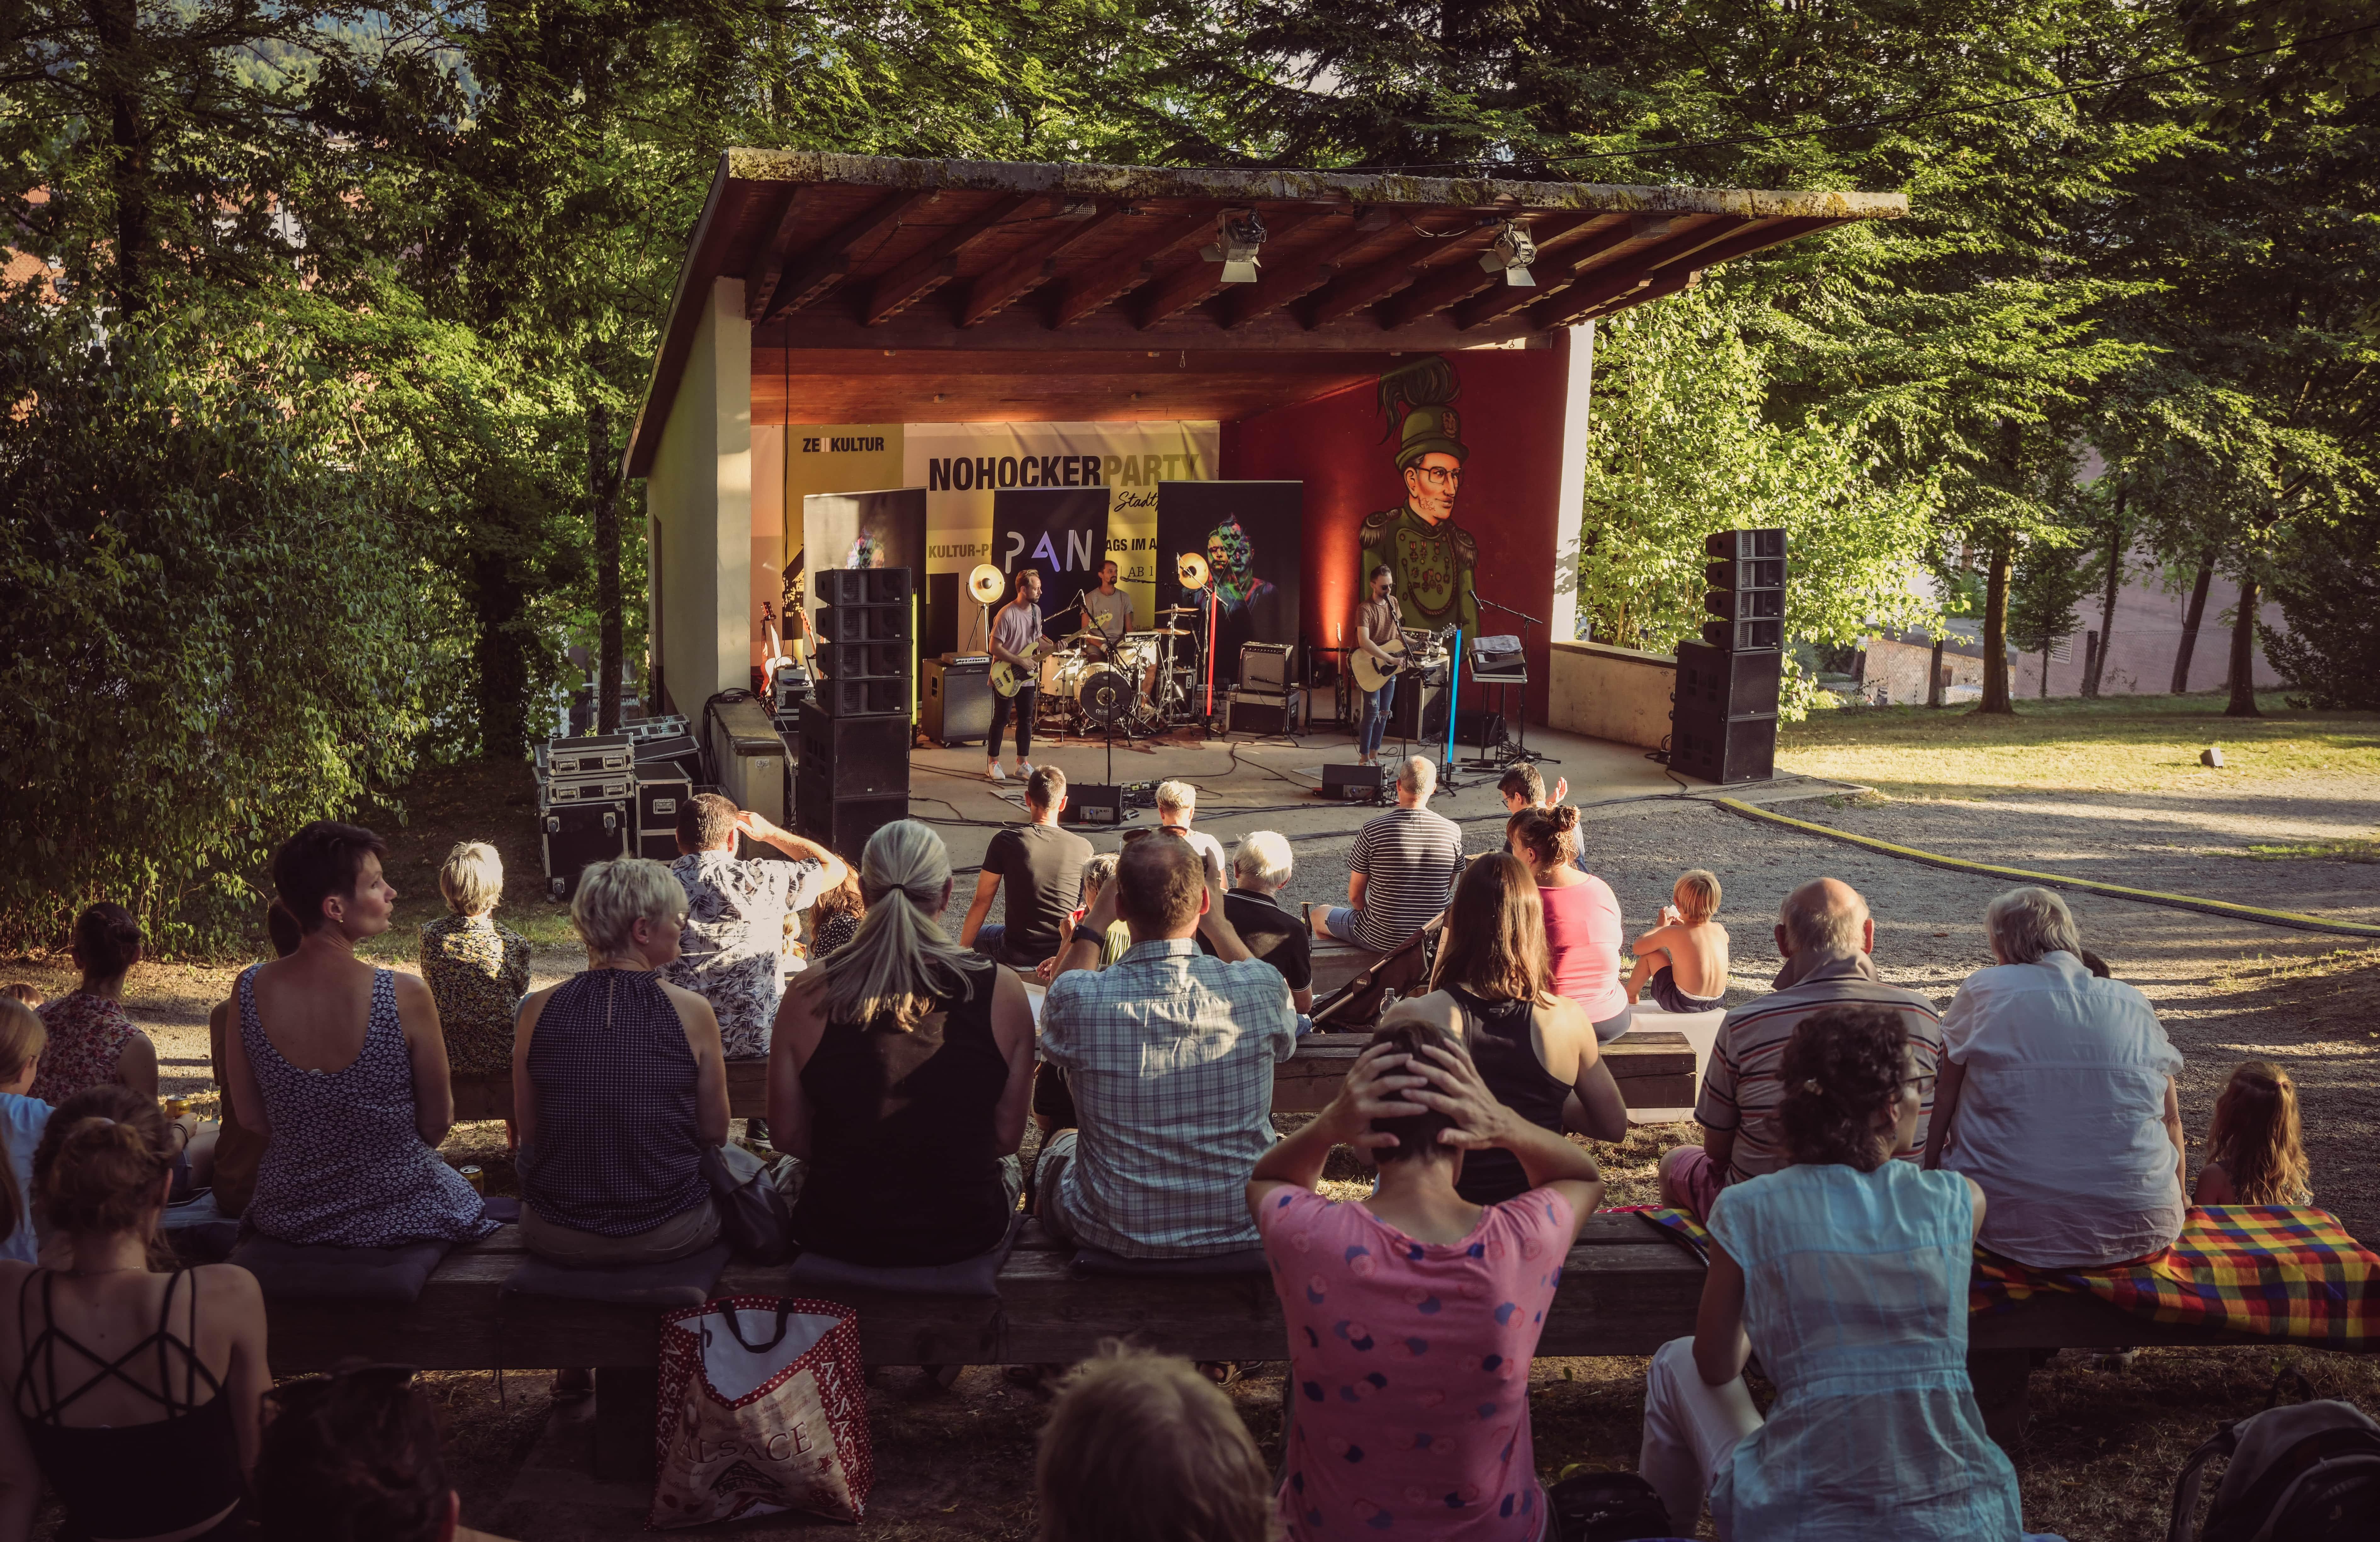 Nohocker Party Stadt Zell Am Harmersbach